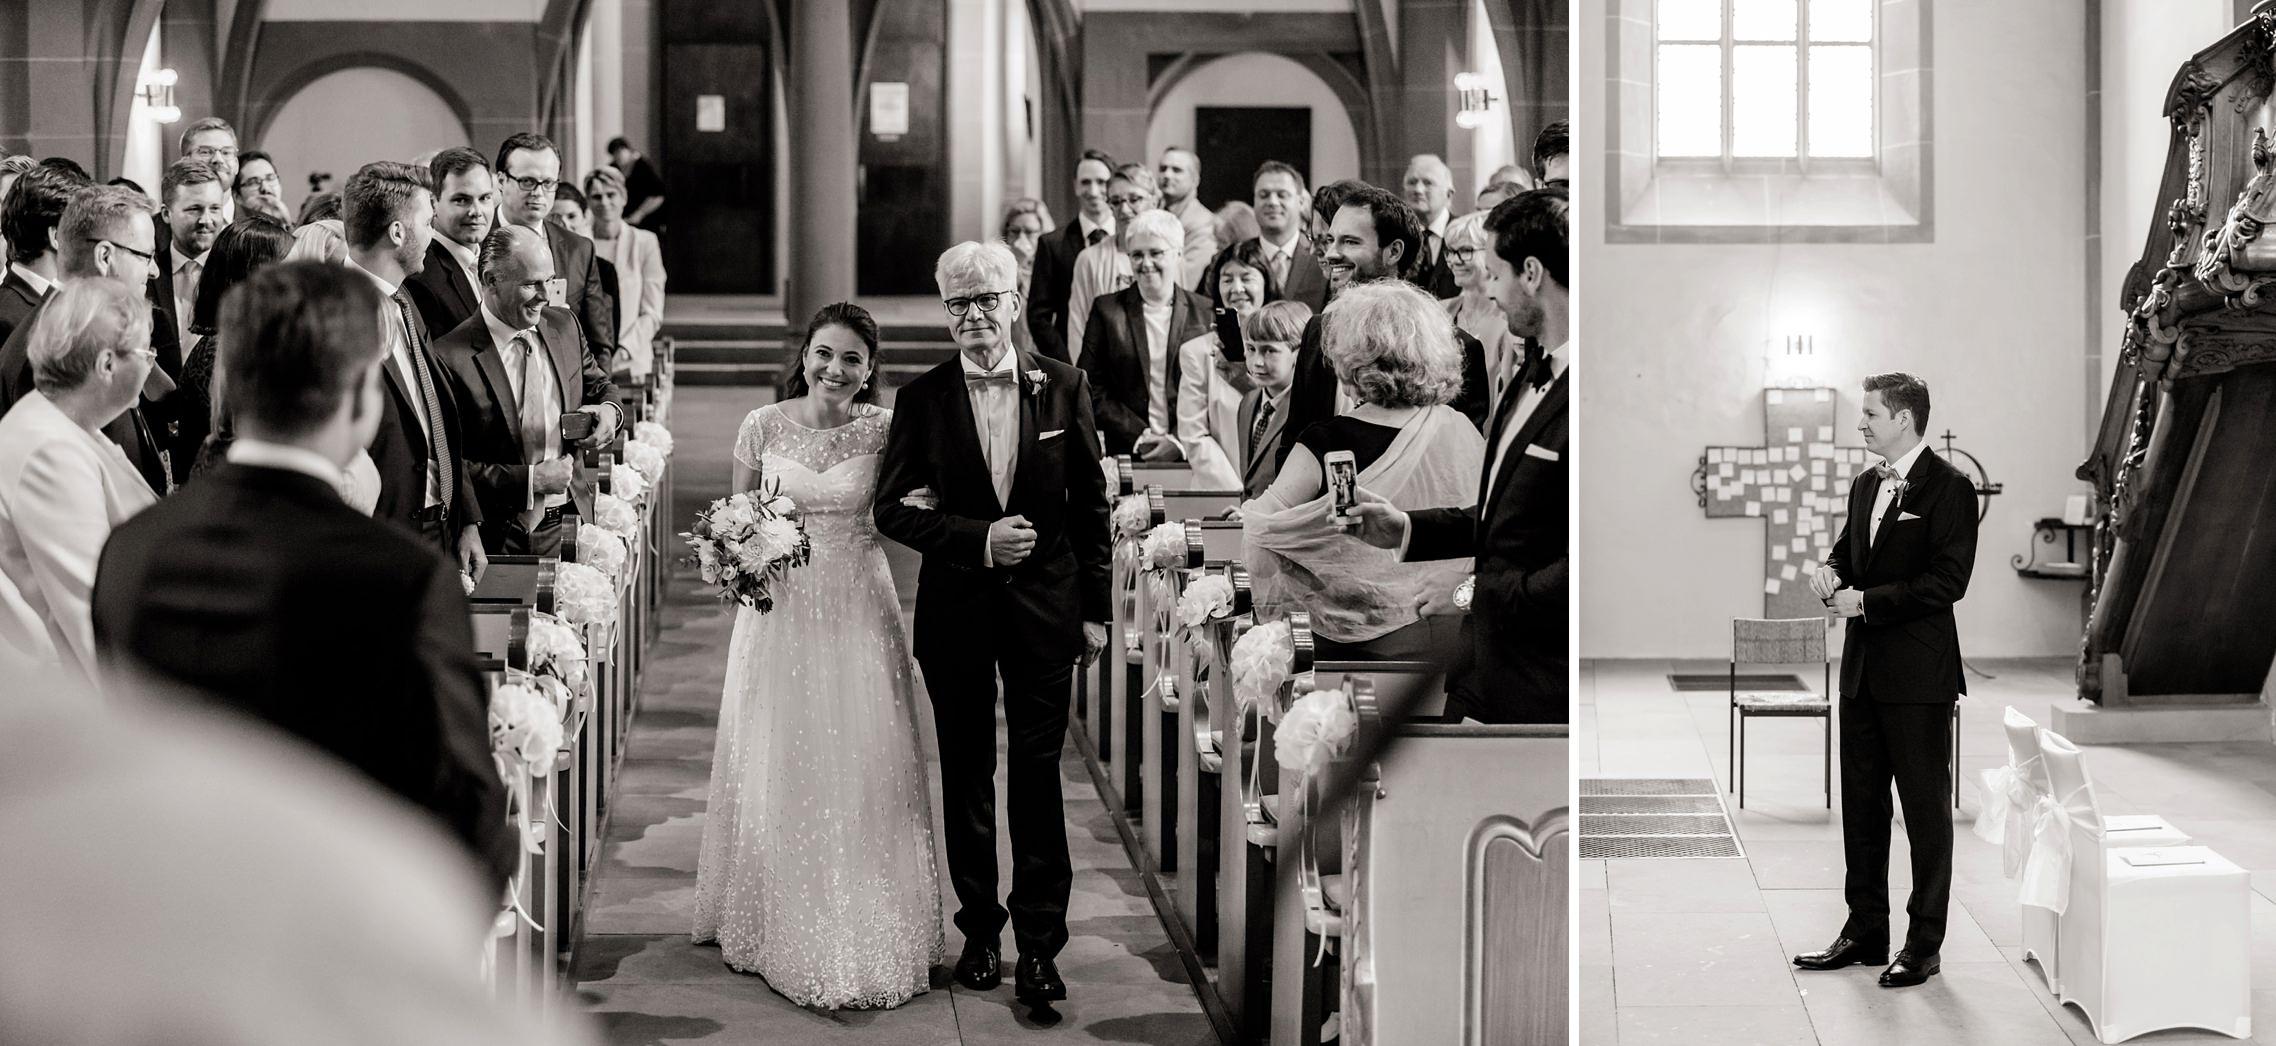 Der Brautvater führt seine Tochter zum Altar, während der Bräutigam schon vorne in der Schlosskirche in Meisenheim wartet.